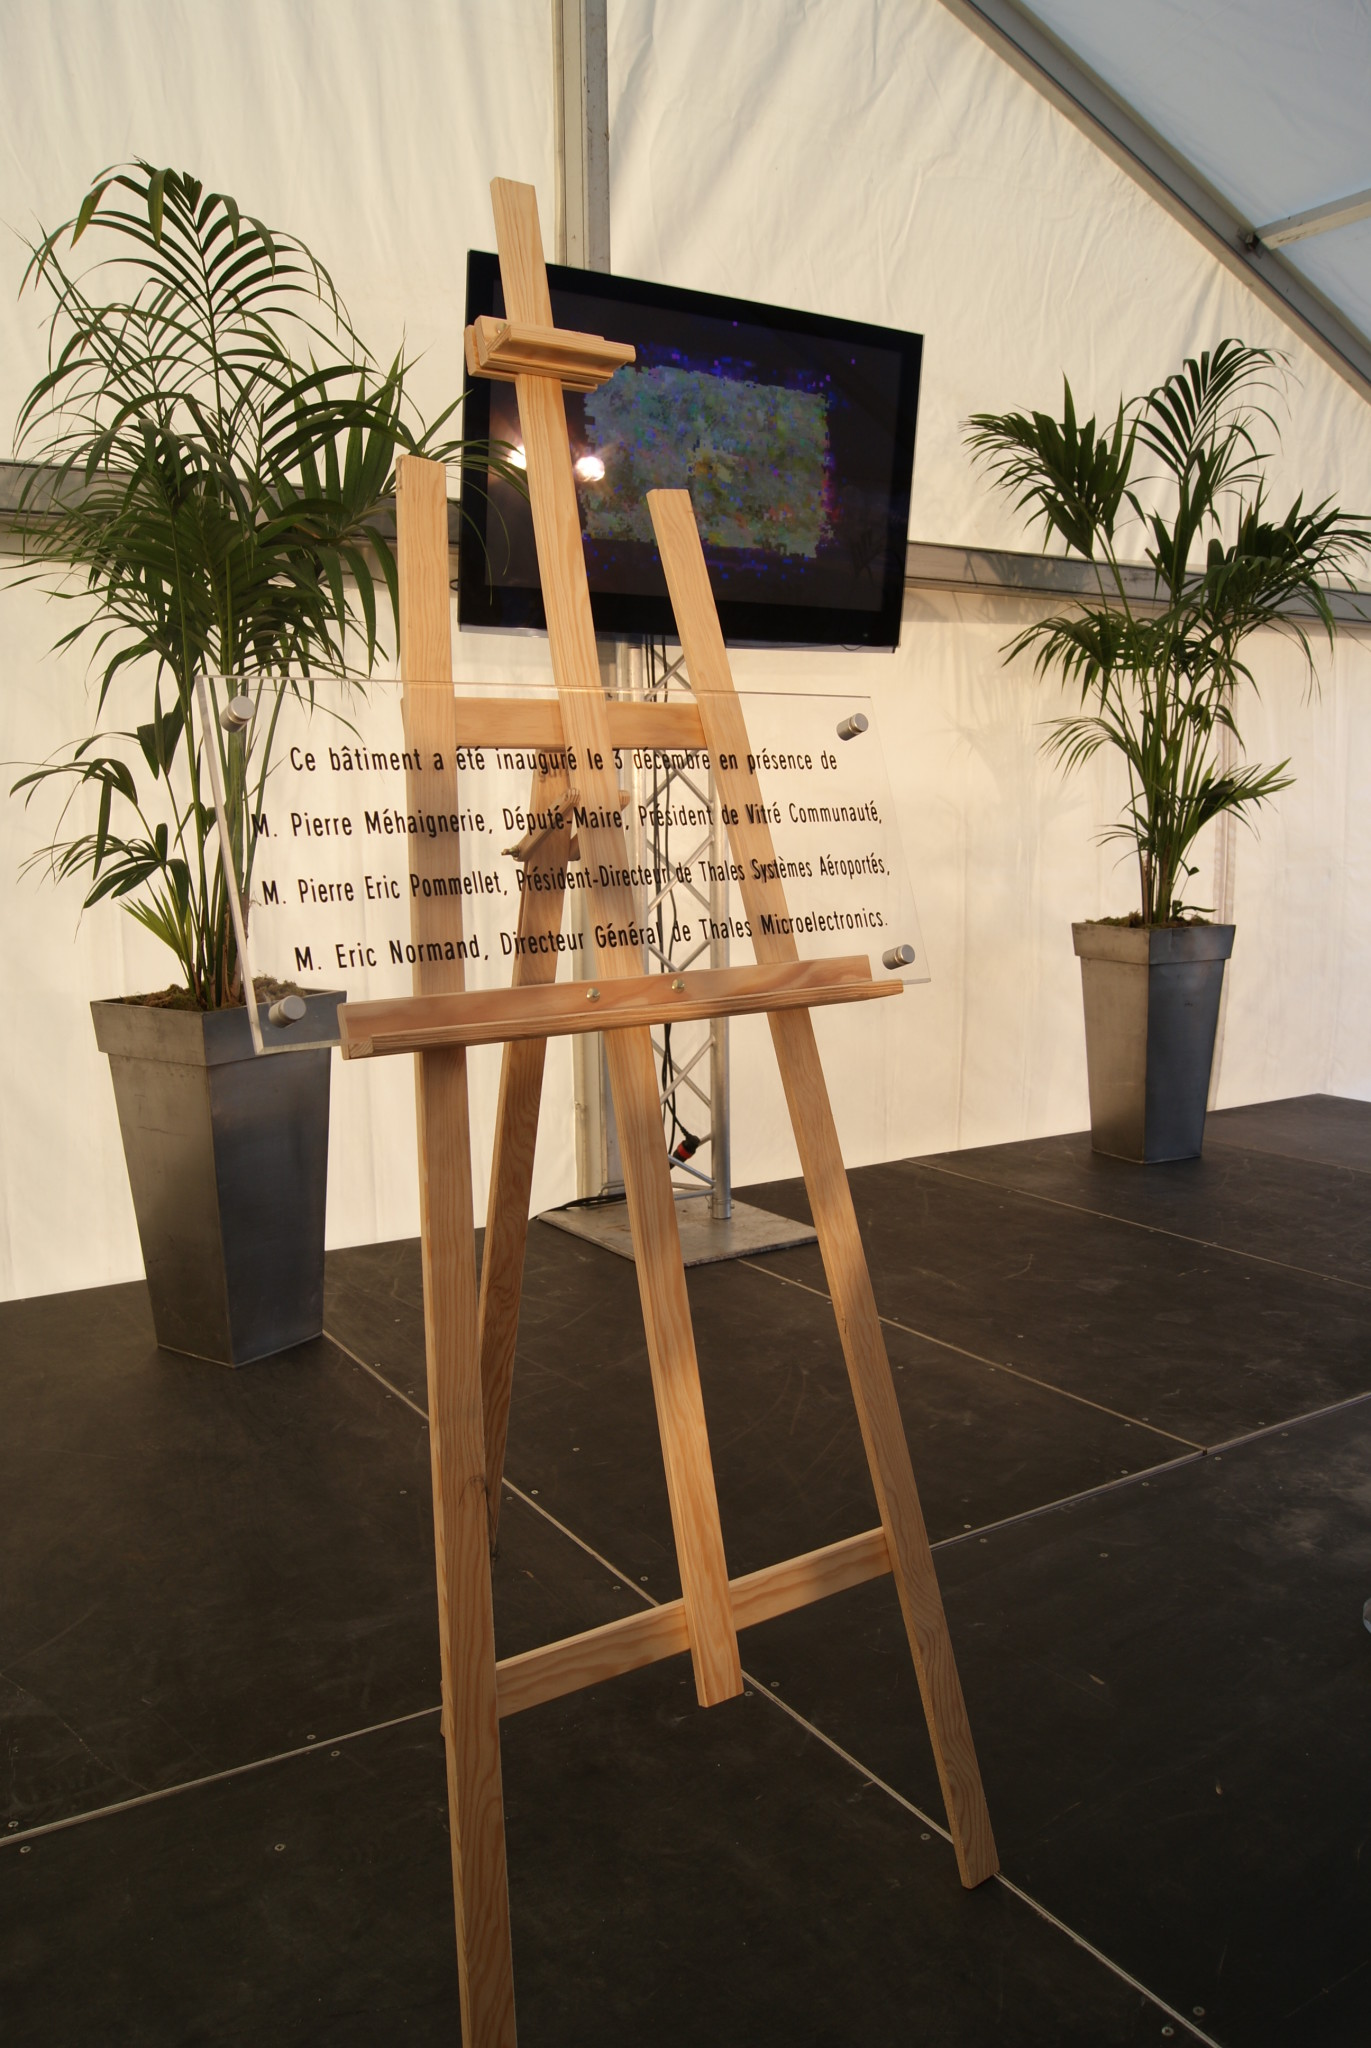 Location de table et chaise rennes vitr foug res ou la guerche de bretagne - Location table et chaise ...